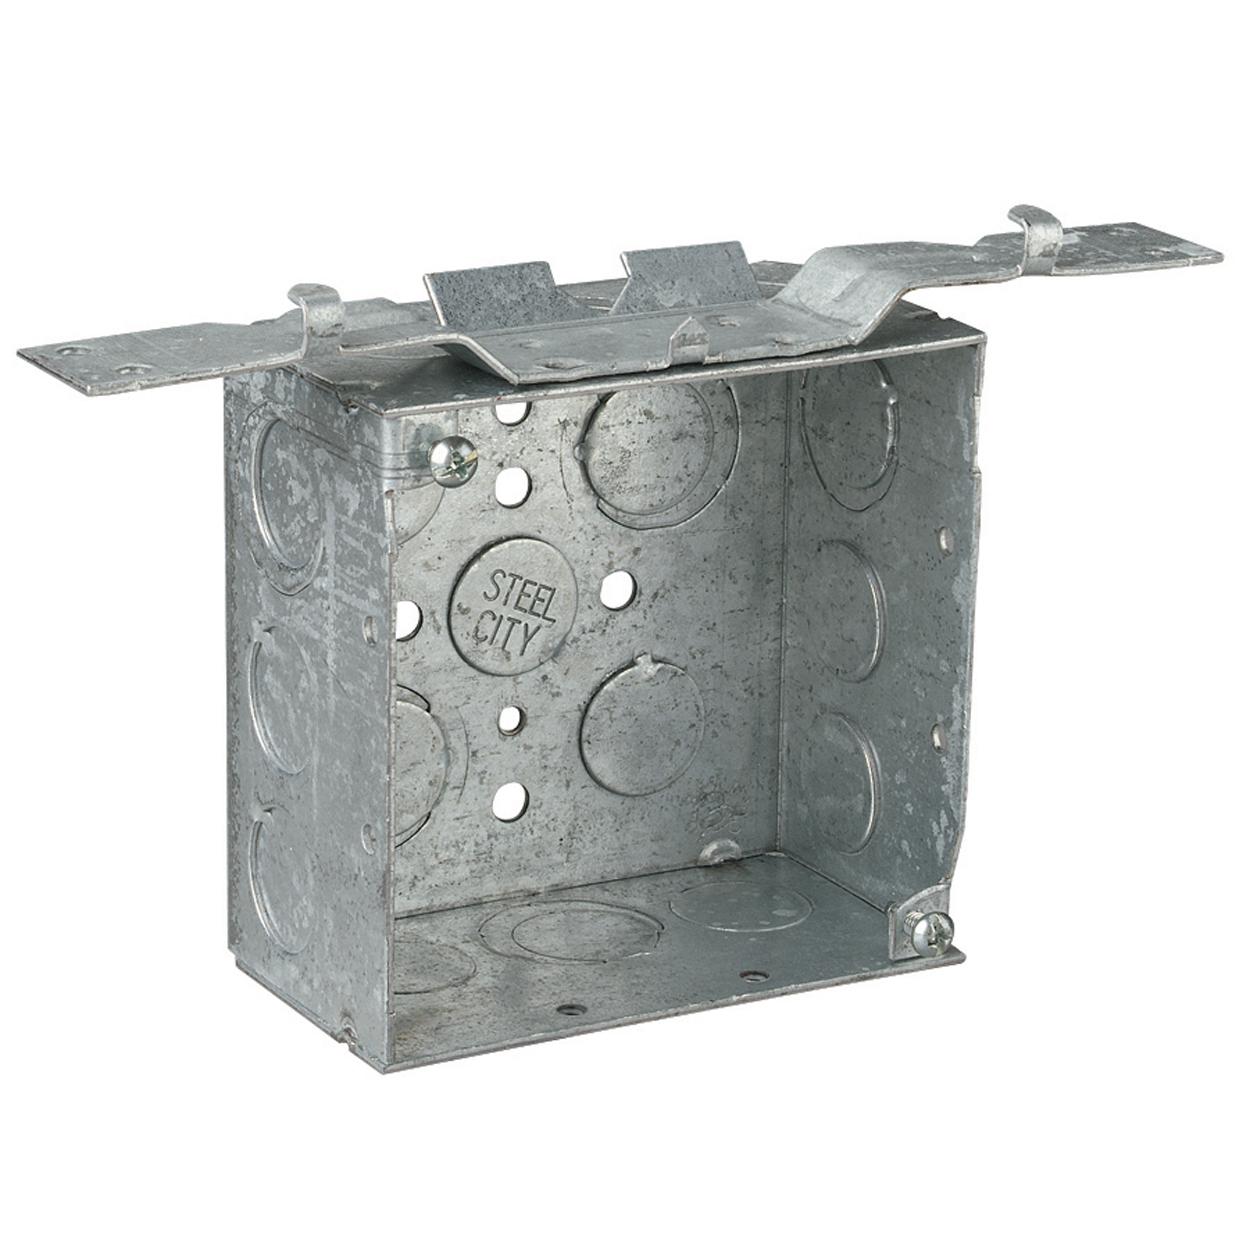 STEEL-CITY 52171V-1/2&3/4 4-IN SQUARE BOX, STEEL, 30.3CU, .5&3/4E-KO